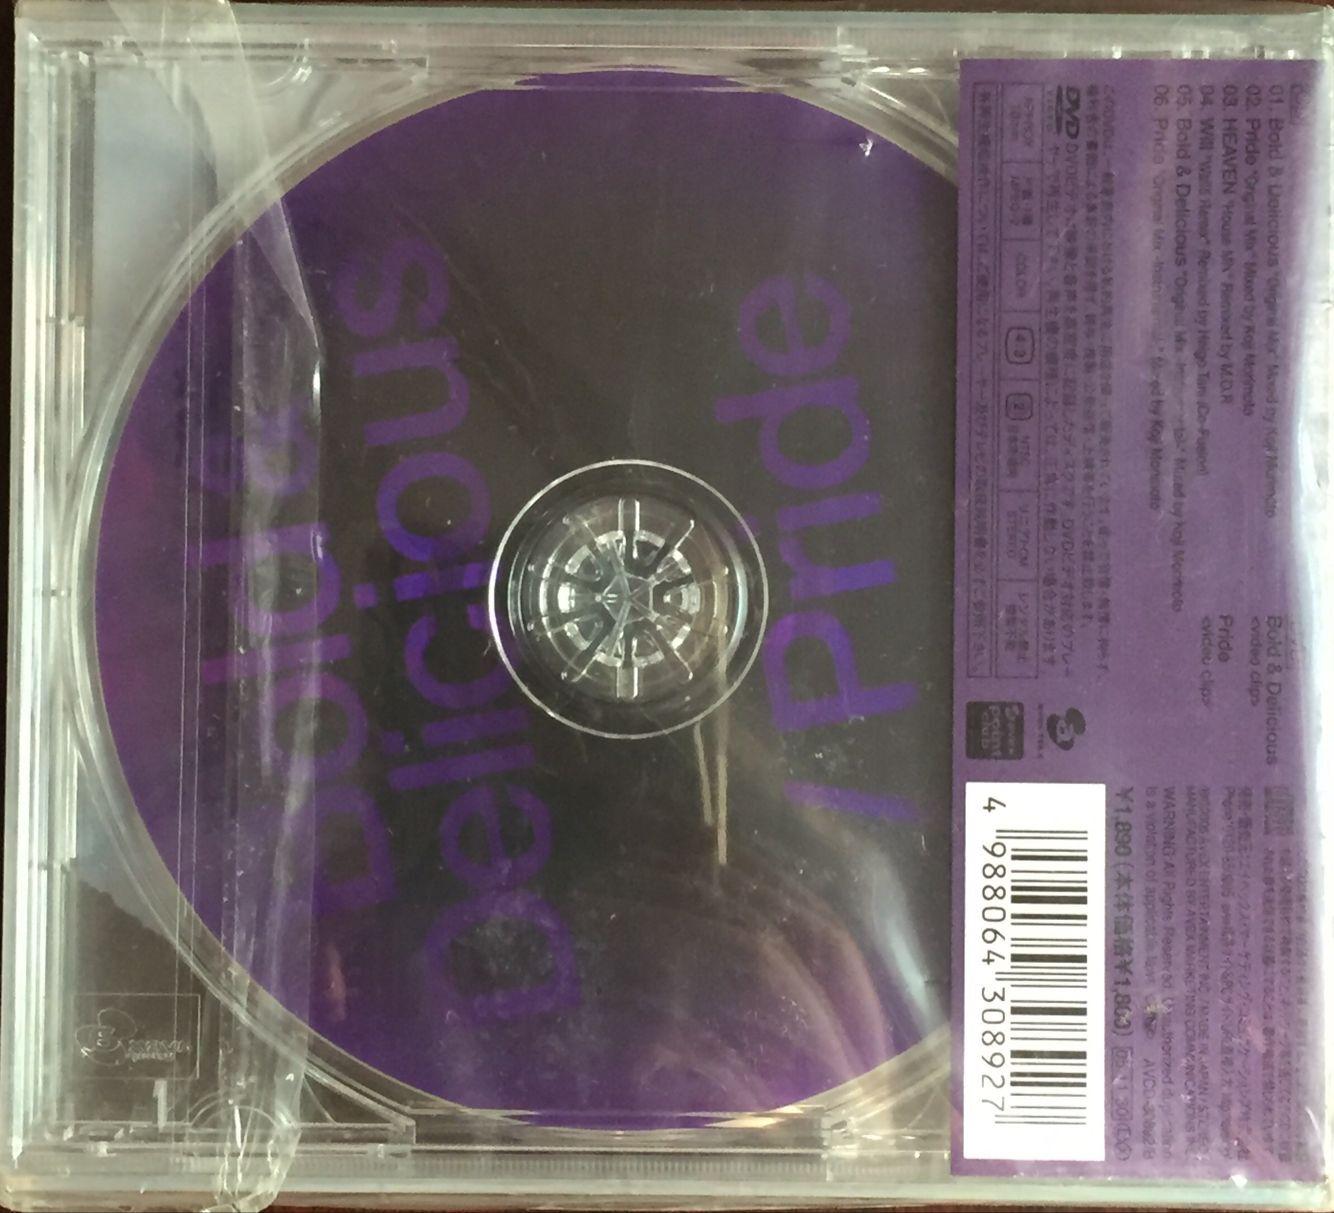 - - ik Bold&Delicious/Pride Kawasaki zijn schoonheid niet gesloopt op CD en dvd versie